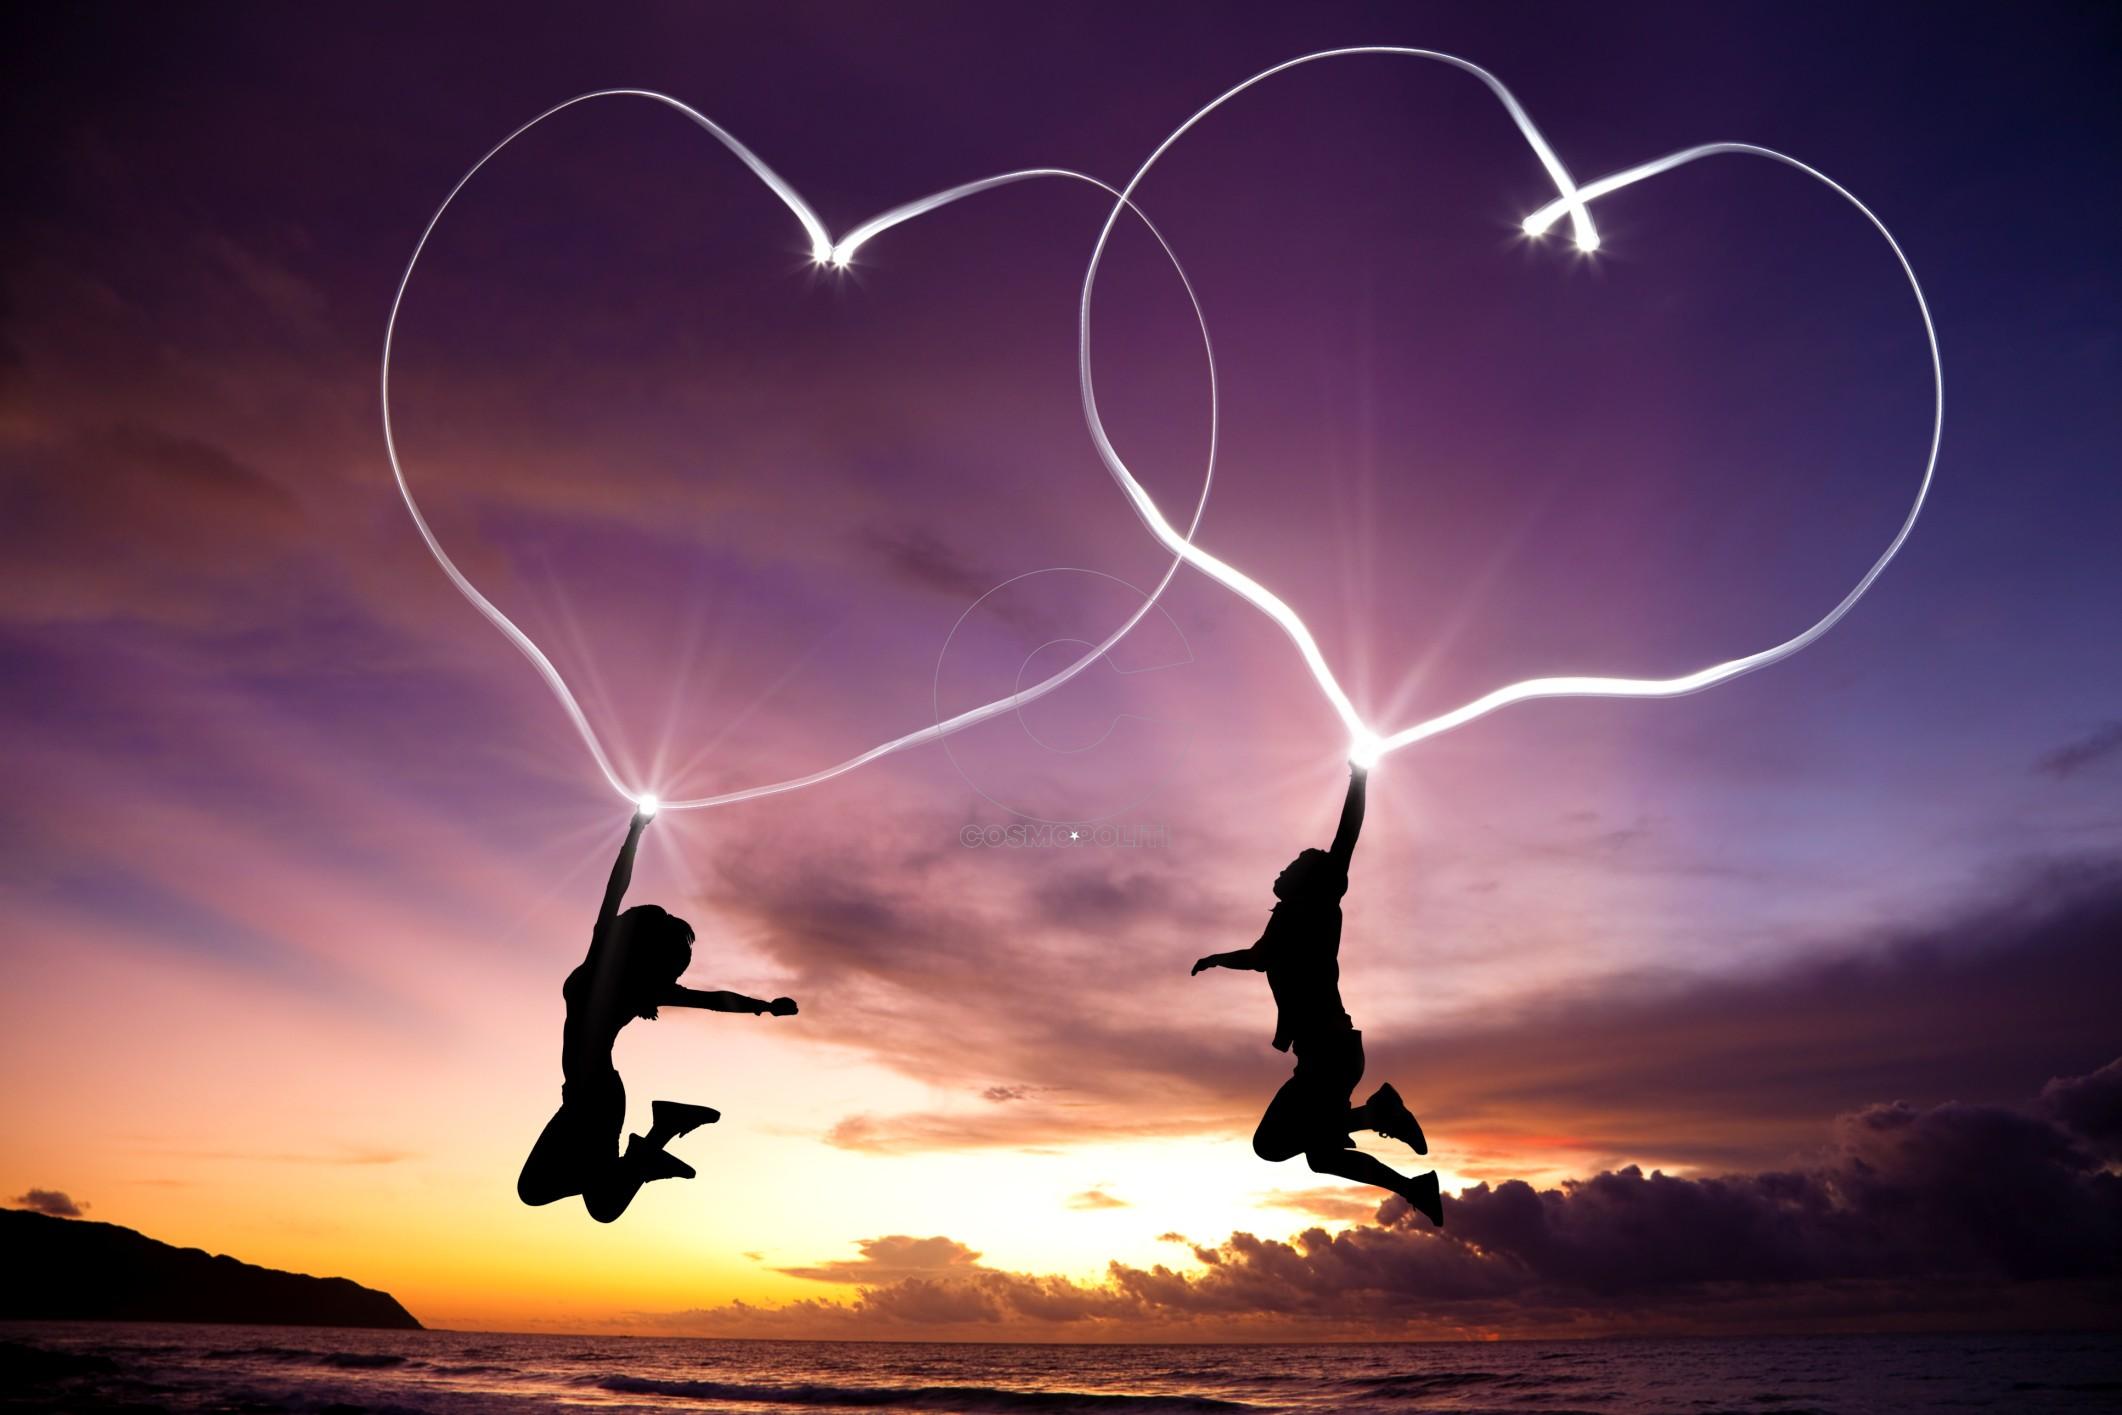 fbc8d4c1a17 Τρία συναισθήματα που μοιάζουν με αγάπη αλλά δεν είναι ...